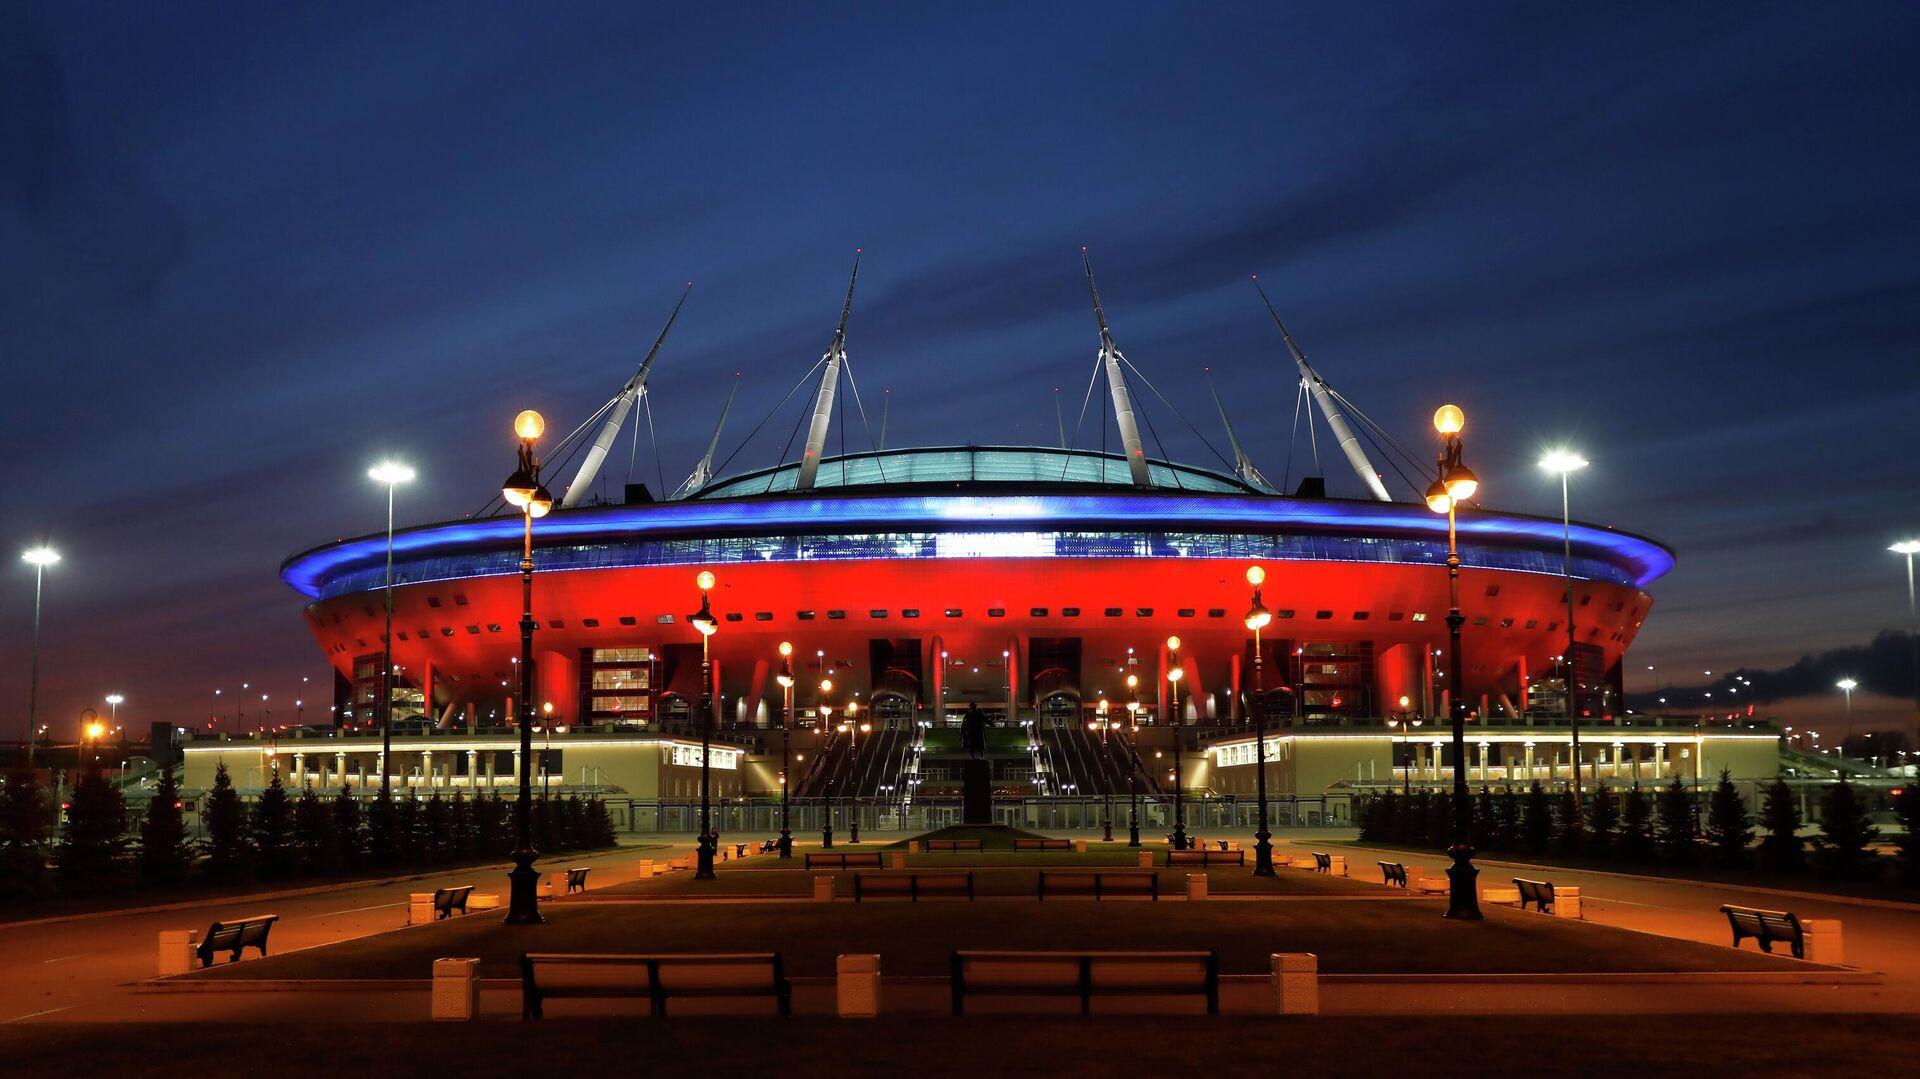 Стадион Арена Санкт-Петербург на Крестовском острове - РИА Новости, 1920, 23.04.2021